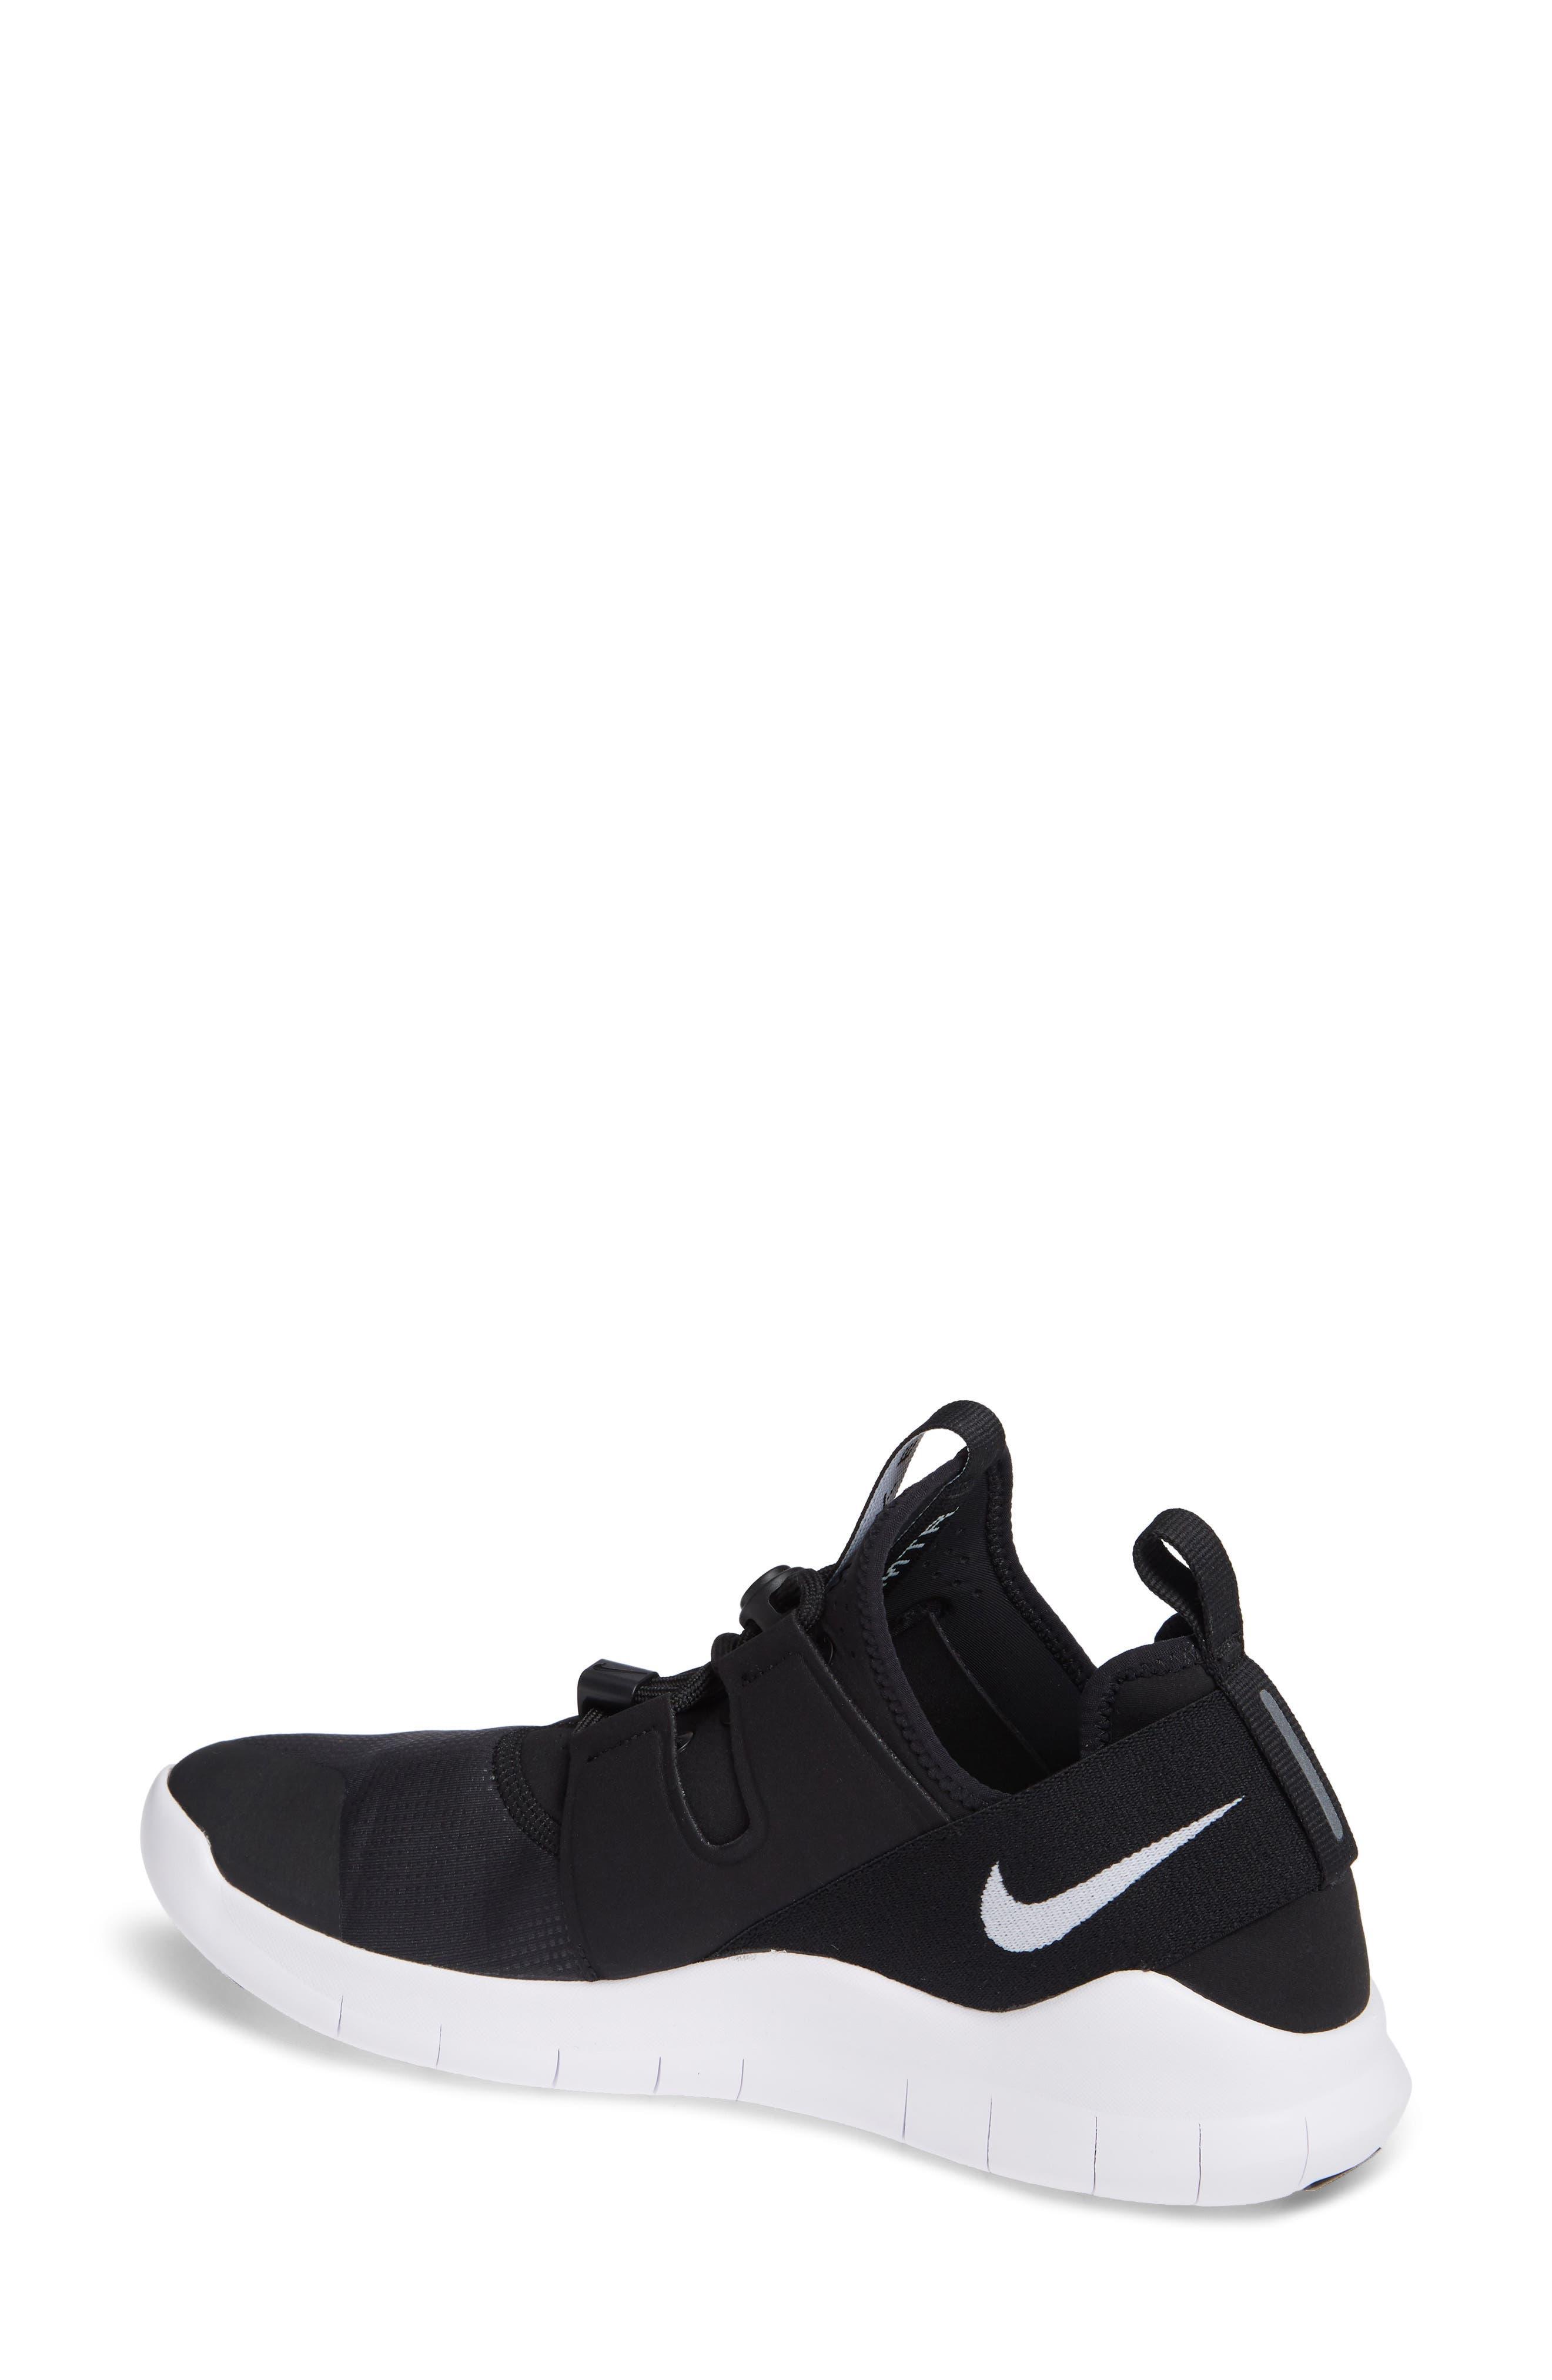 Free RN Commuter 2018 Running Shoe,                             Alternate thumbnail 2, color,                             BLACK/ WHITE